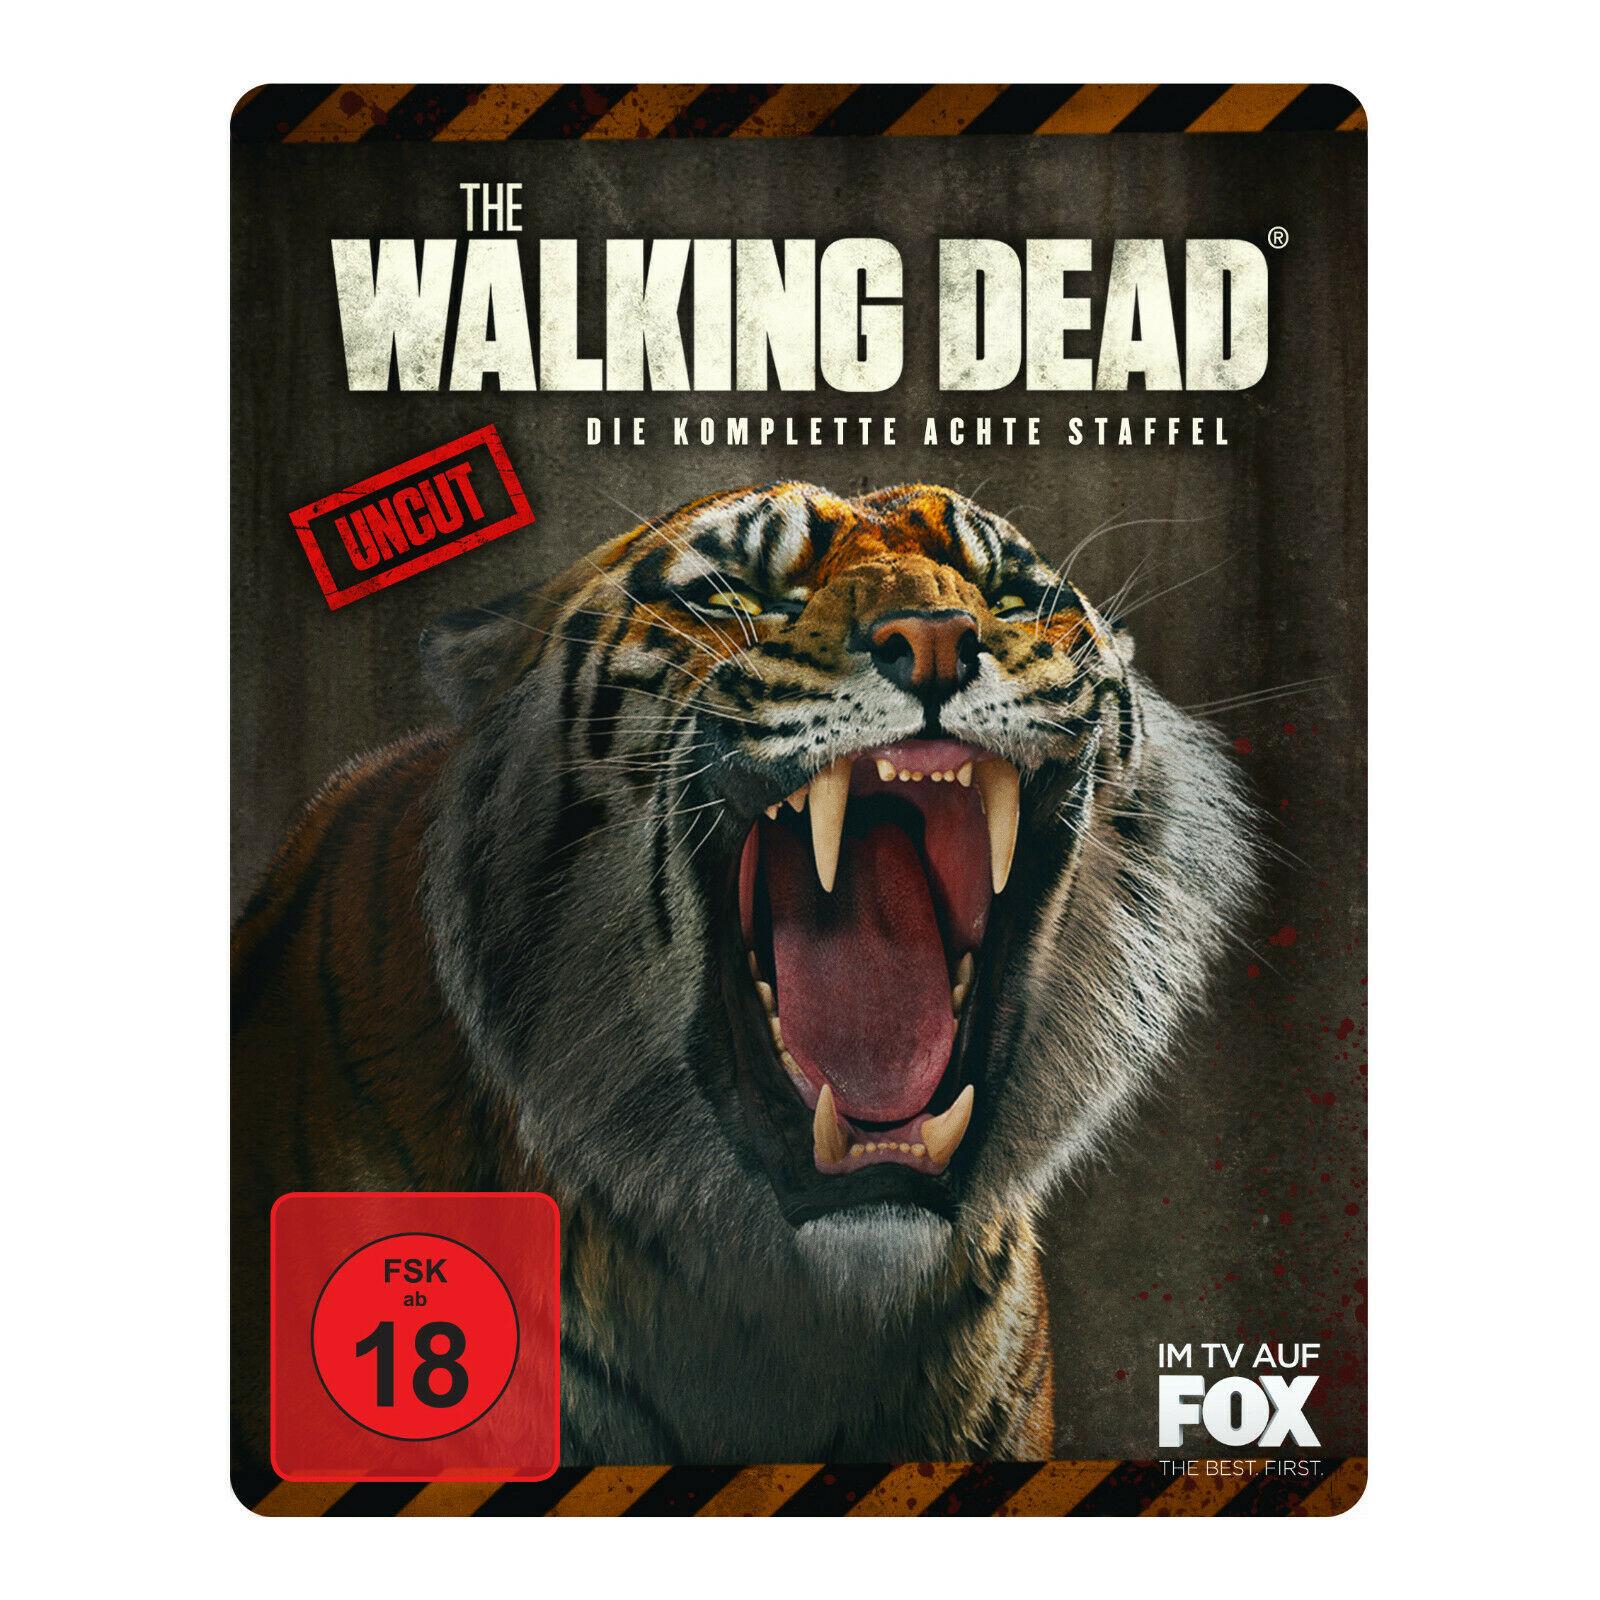 """The Walking Dead - Die komplette achte Staffel Limited Weapon Steelbook """"Shiva"""" (Blu-ray) für 19,99€ versandkostenfrei (Saturn)"""